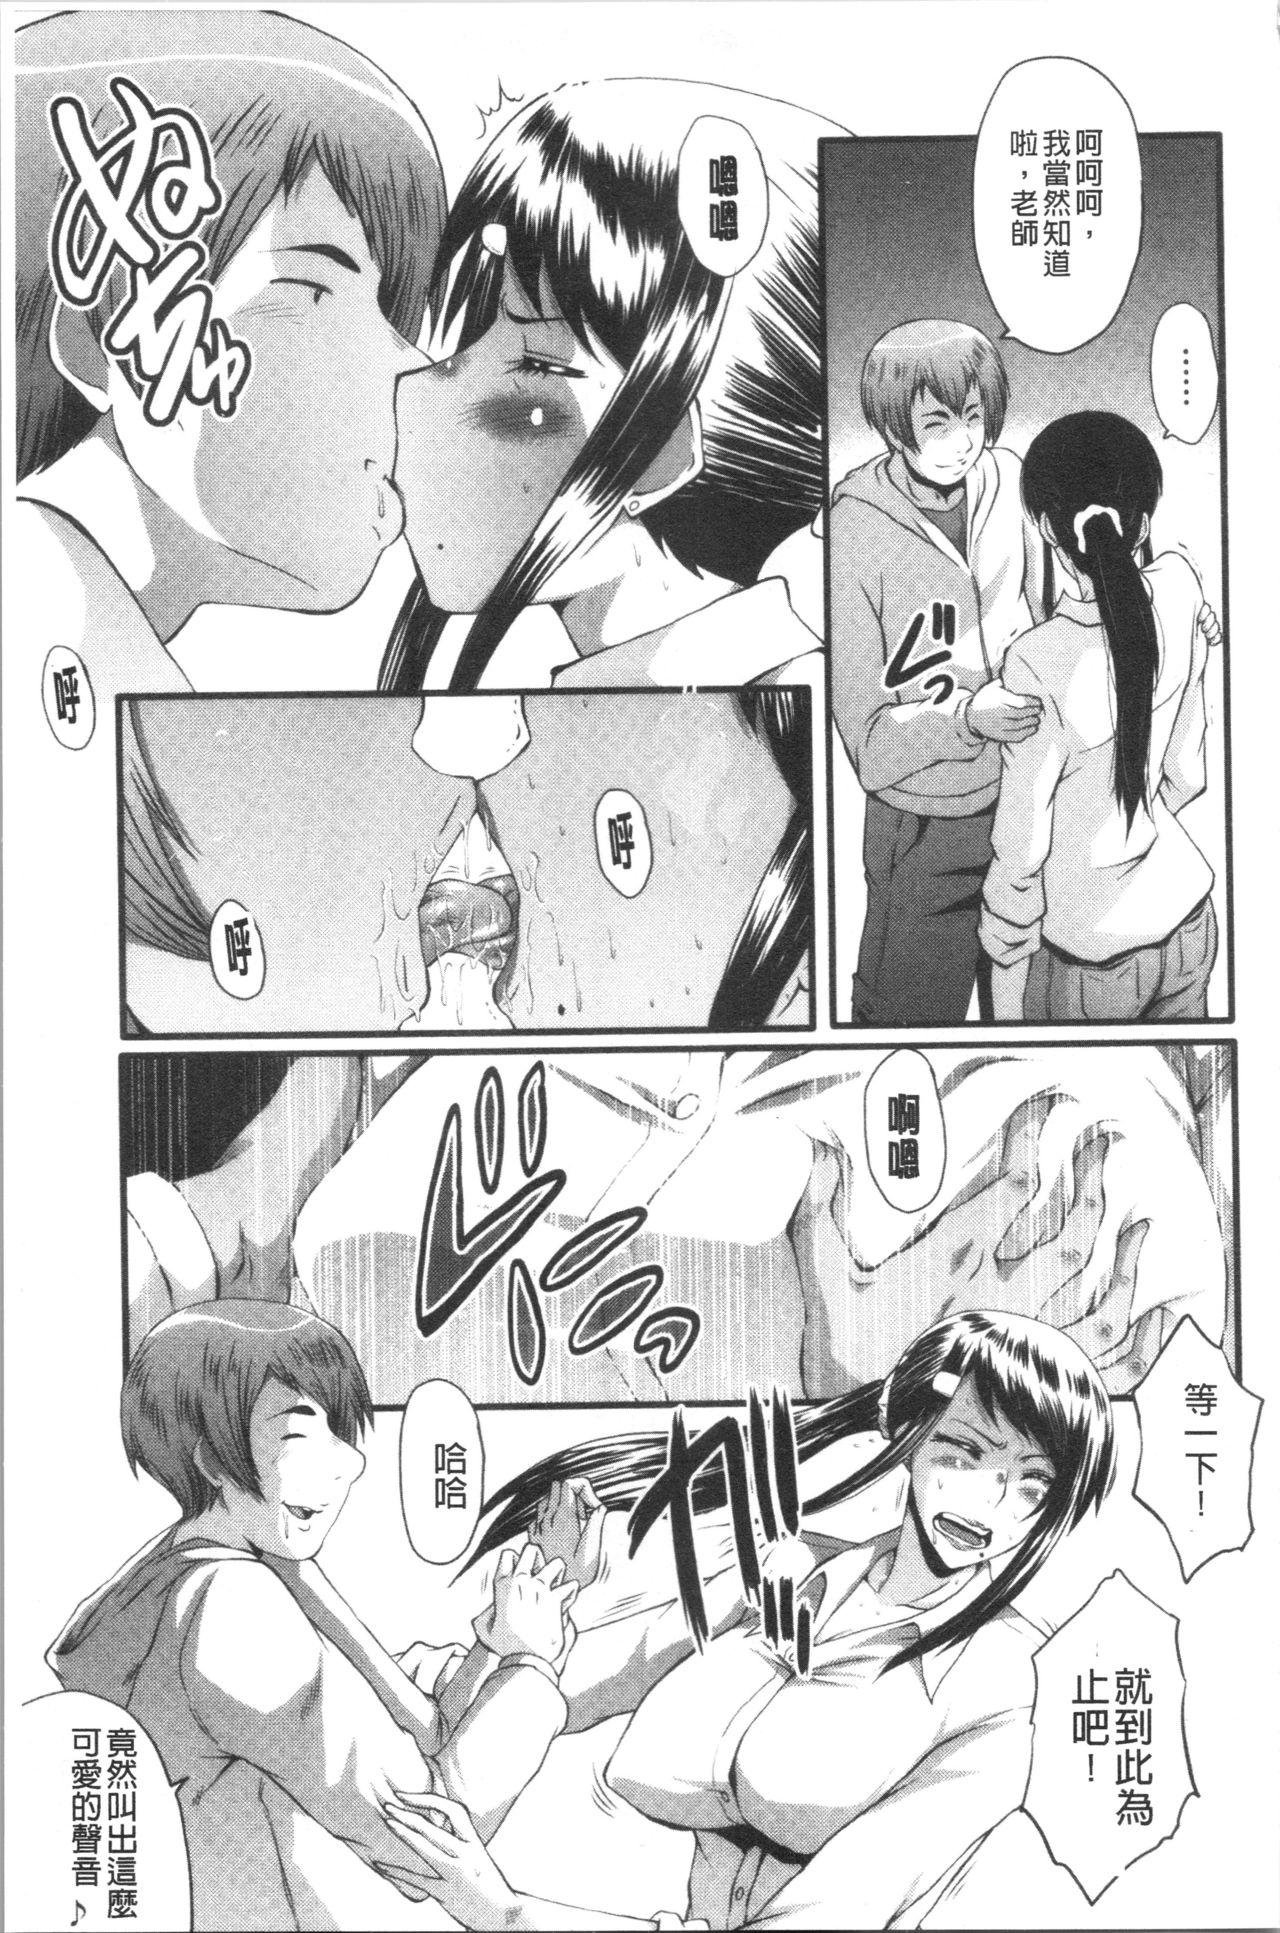 Bokuno Kanojo ga Kusogaki ni Netorareta Hanashi 58